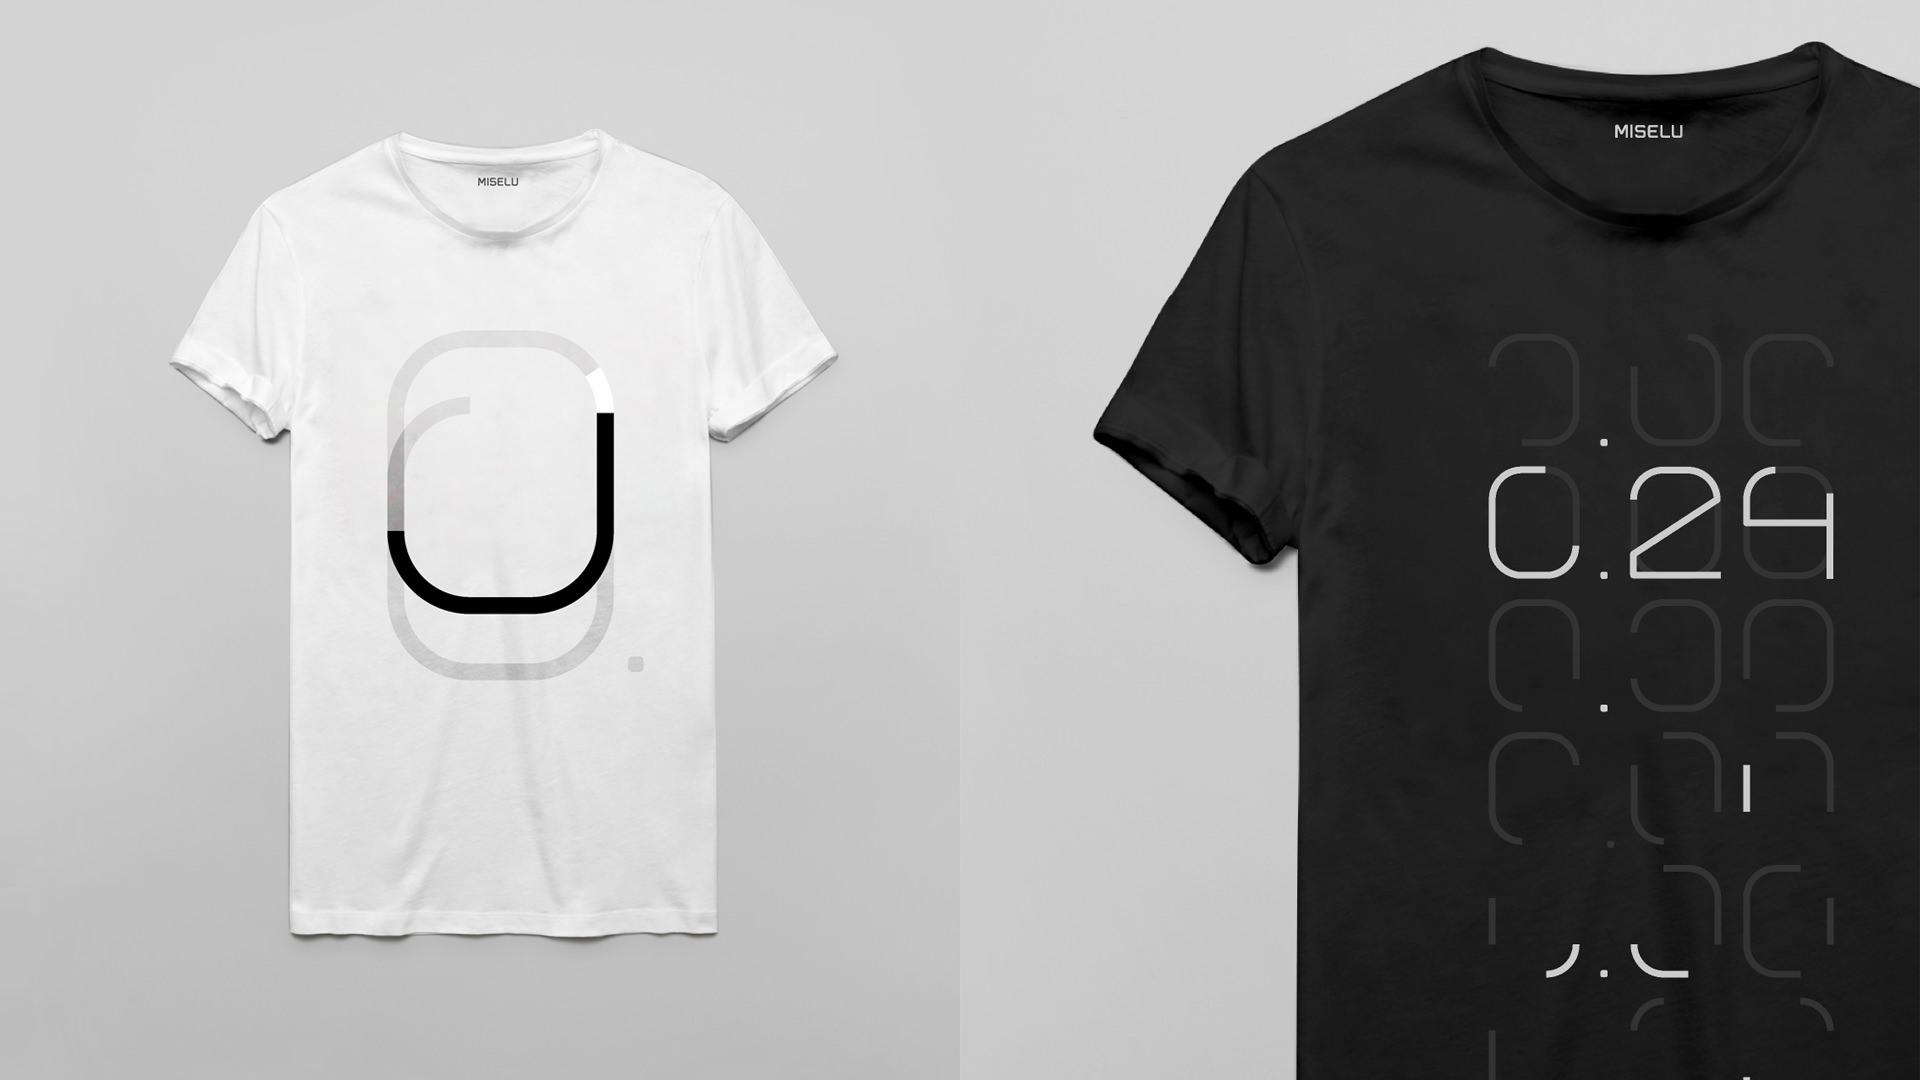 10 + -Ejemplos-de-diseño-minimalista-para-inspirar-tus-propias-creaciones-camisetas